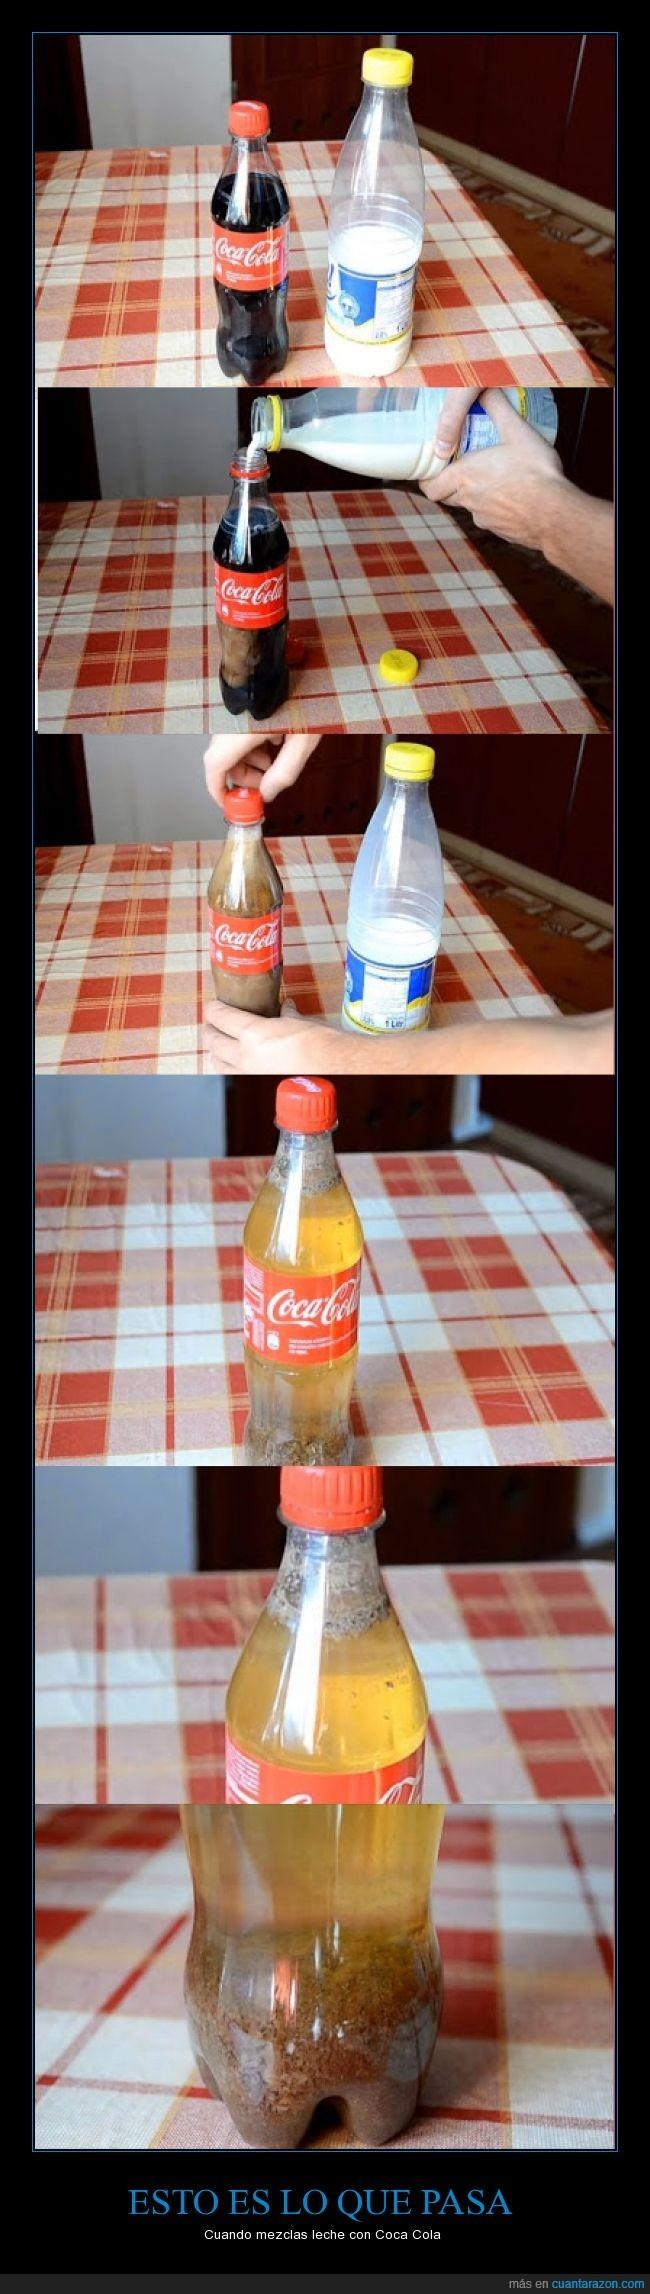 cocacola,cortar,experimento,La Cocasola es Un Veneno,lacteo,leche